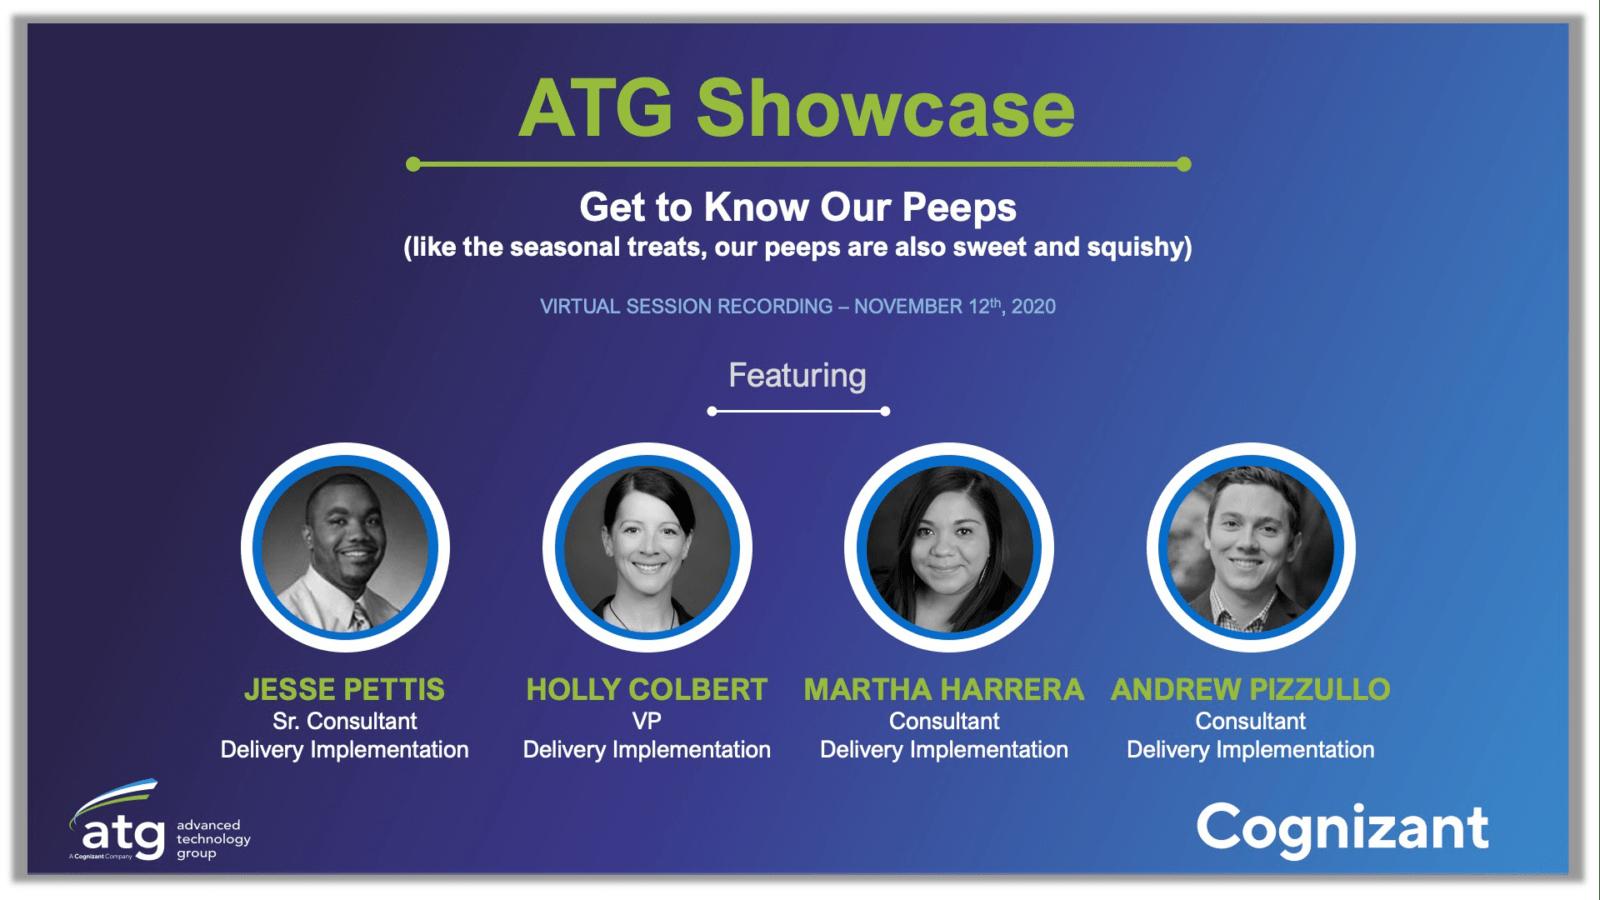 ATG Showcase Series: Our Peeps